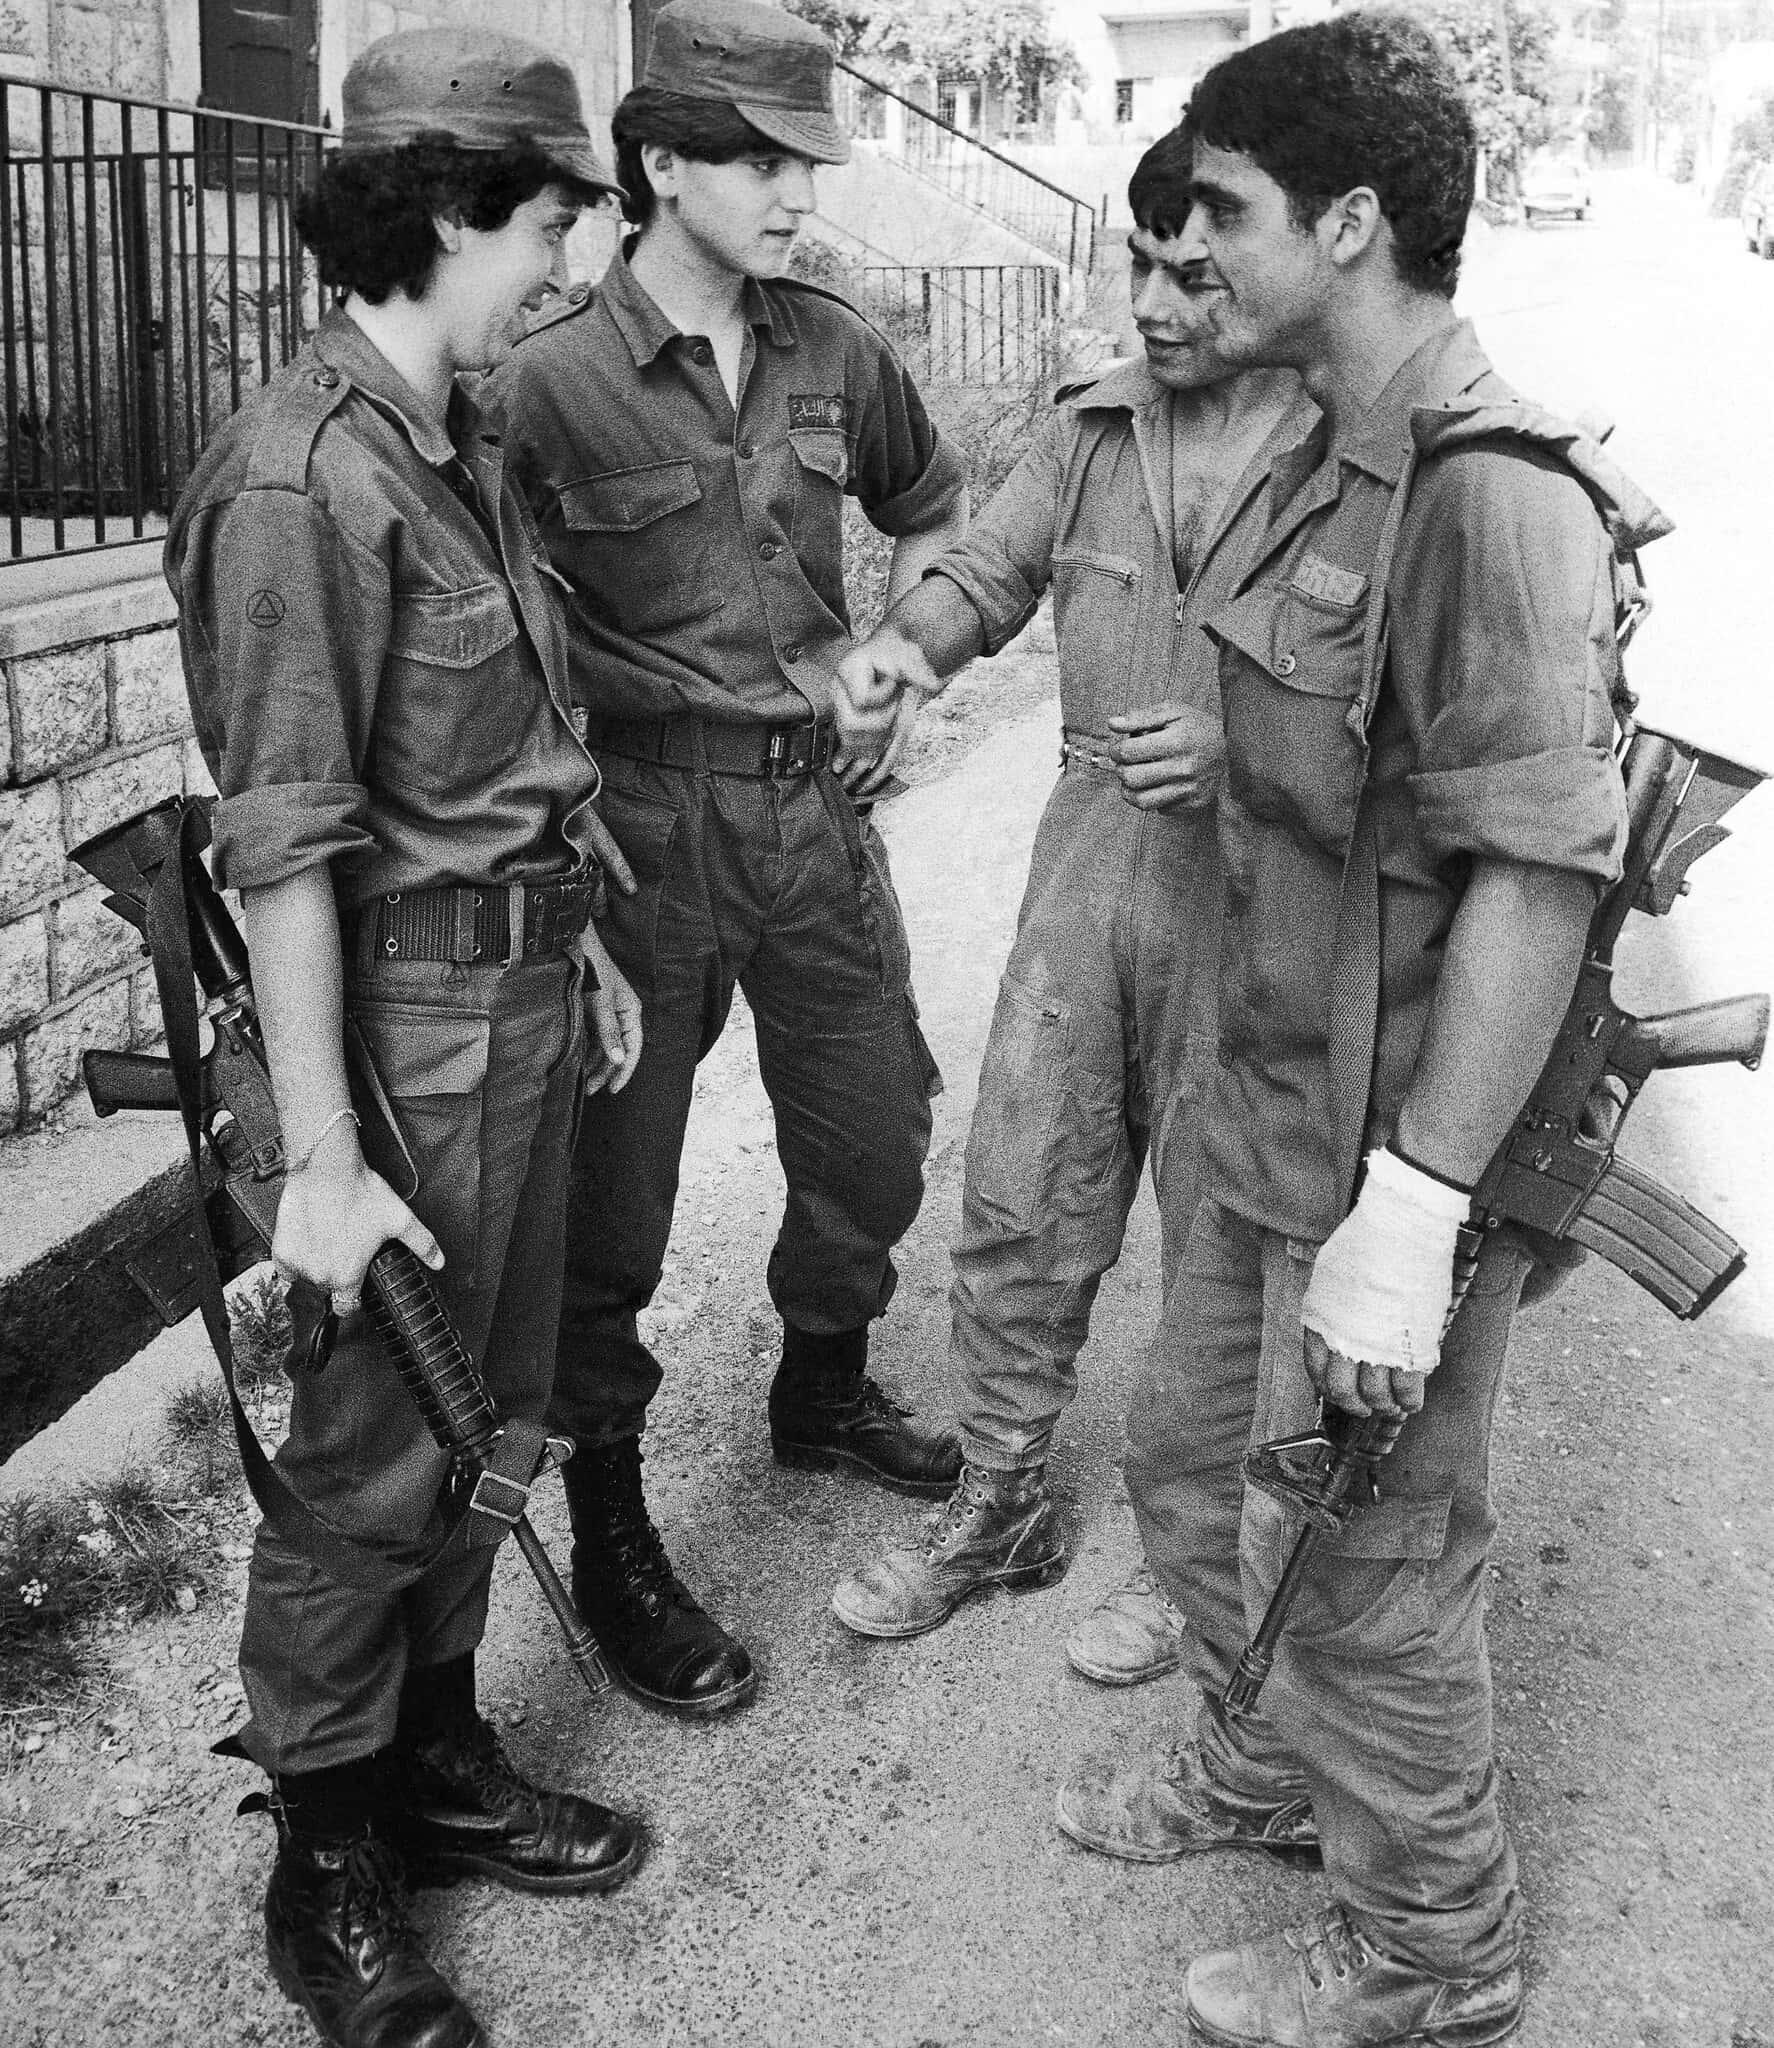 שתי חיילות של הפלנגות, המיליציה הלבנונית הנוצרית, מדברות עם שני חיילים ישראלים ברחוב בג'וניה, 3 באוגוסט 1982 (צילום: AP Photo/Nash)